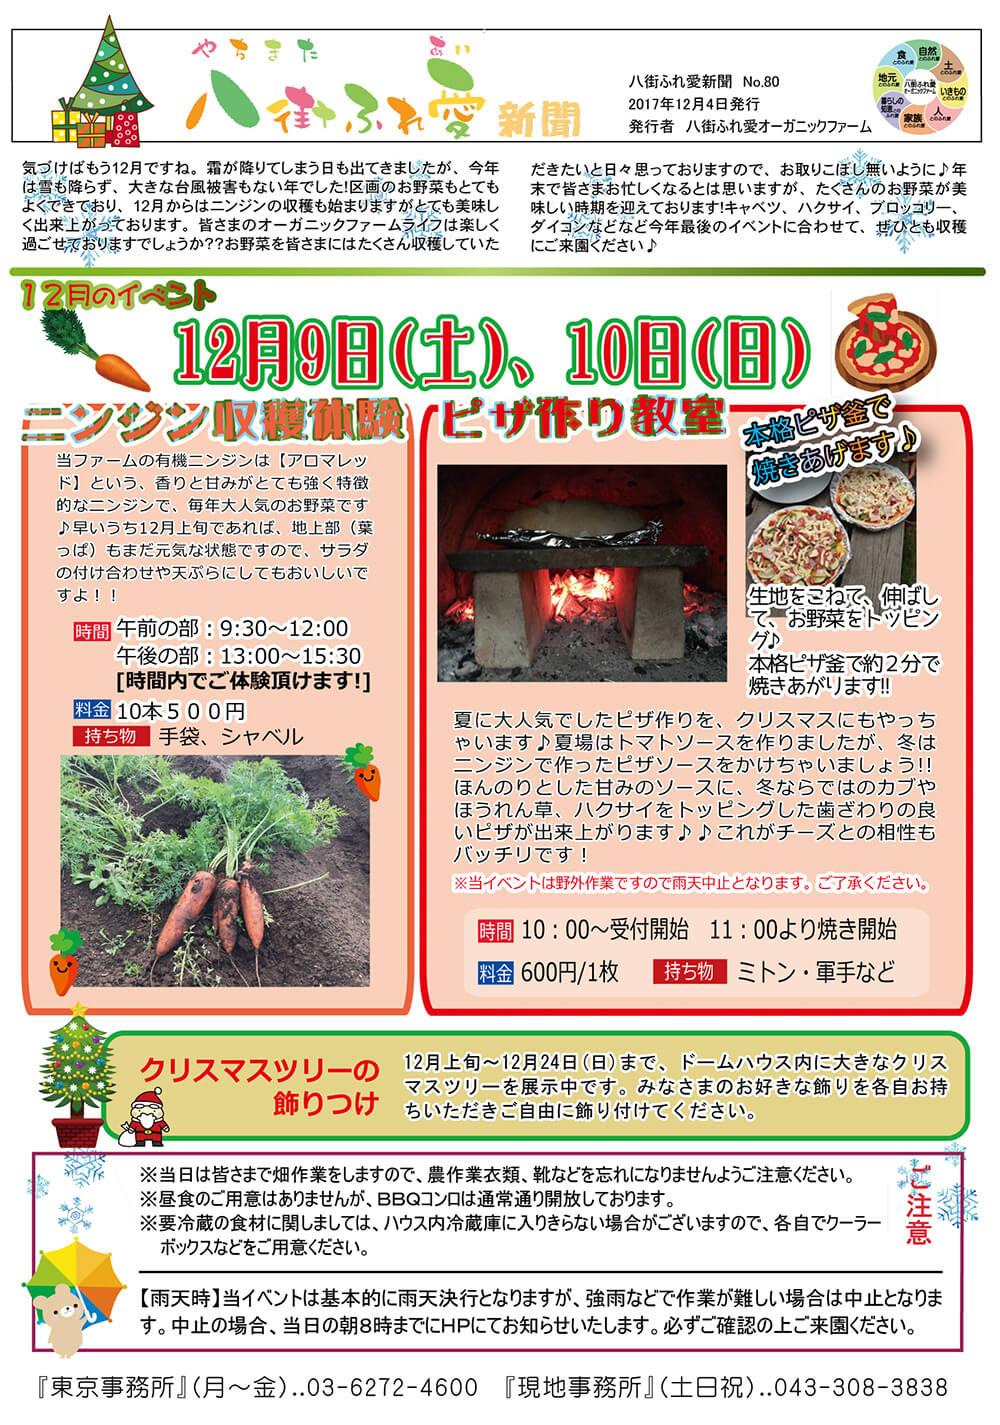 12月9日(土)、10日(日)ニンジン収獲体験 ピザ作り教室